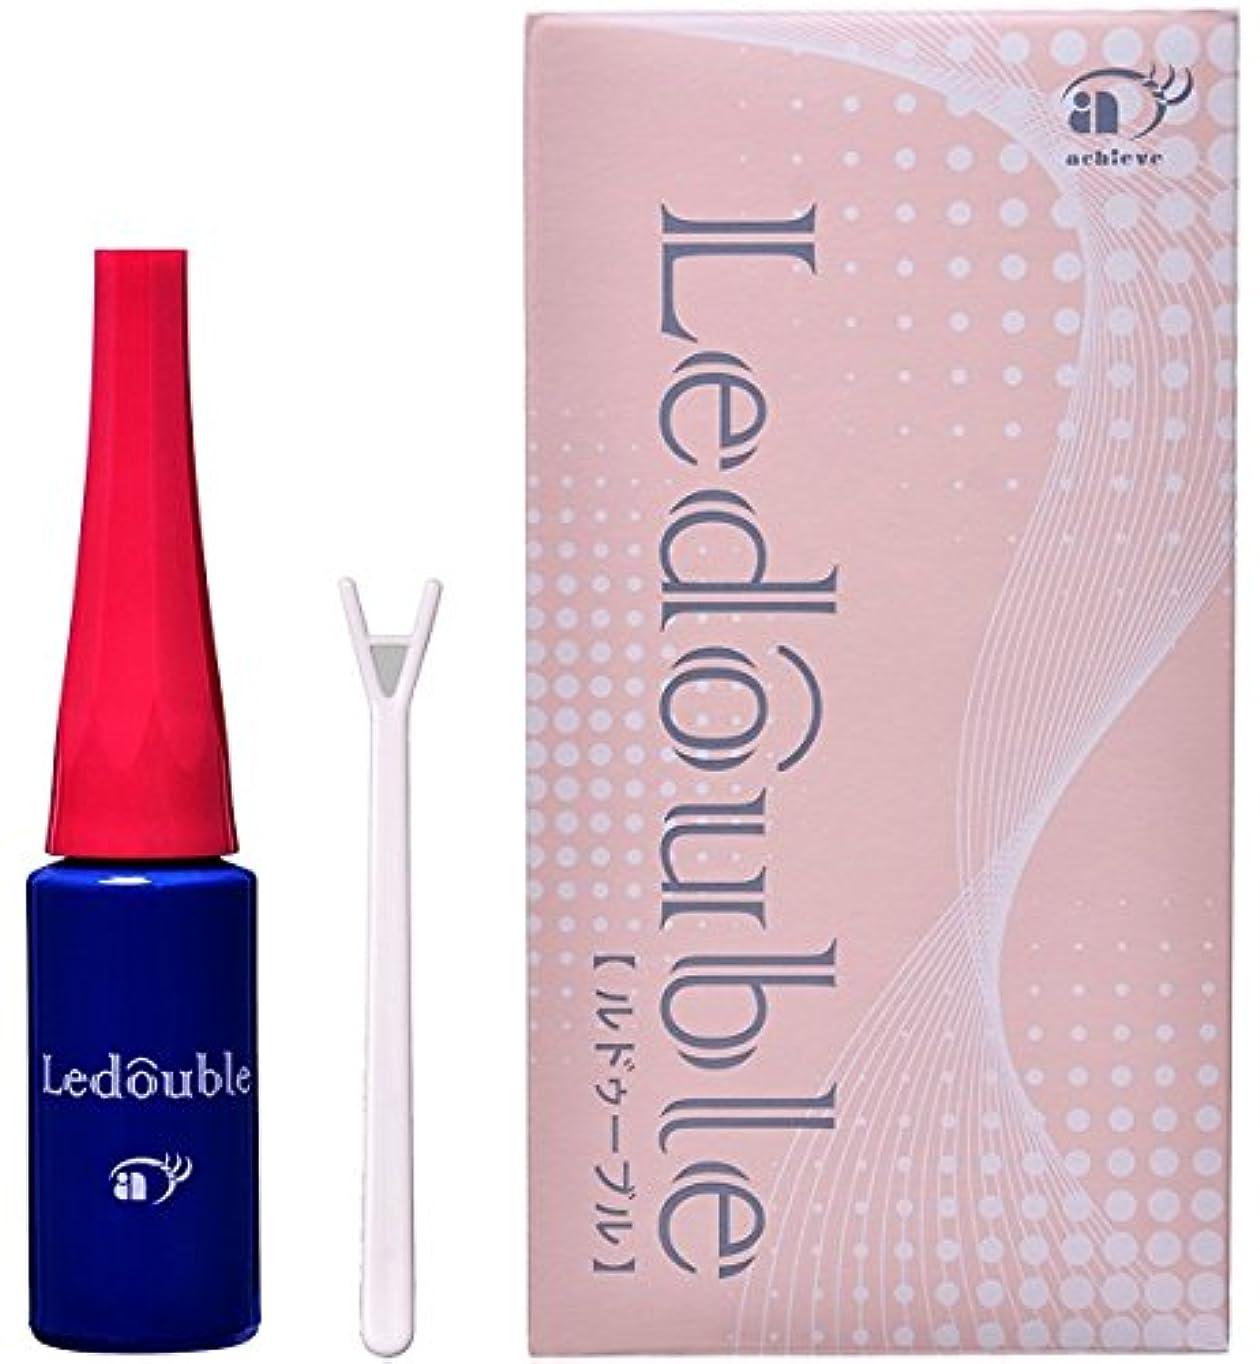 誕生コンパニオンアメリカルドゥーブル 8mL 二重まぶた 化粧品 お得な8mL